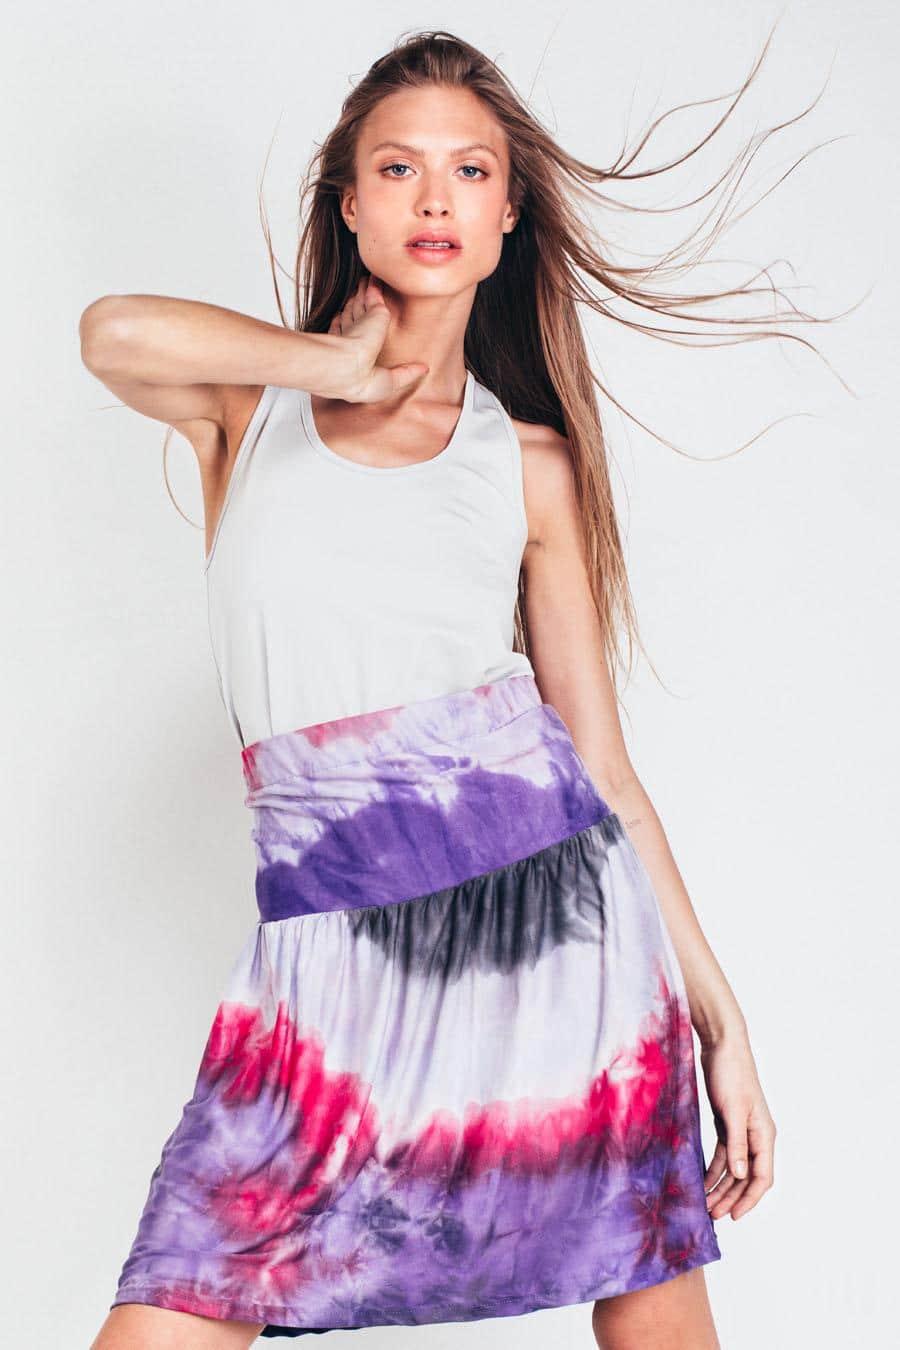 jagger zenska suknja kolekcija prolece leto 2021 ss 2021 kupi online jg 5510 16 1